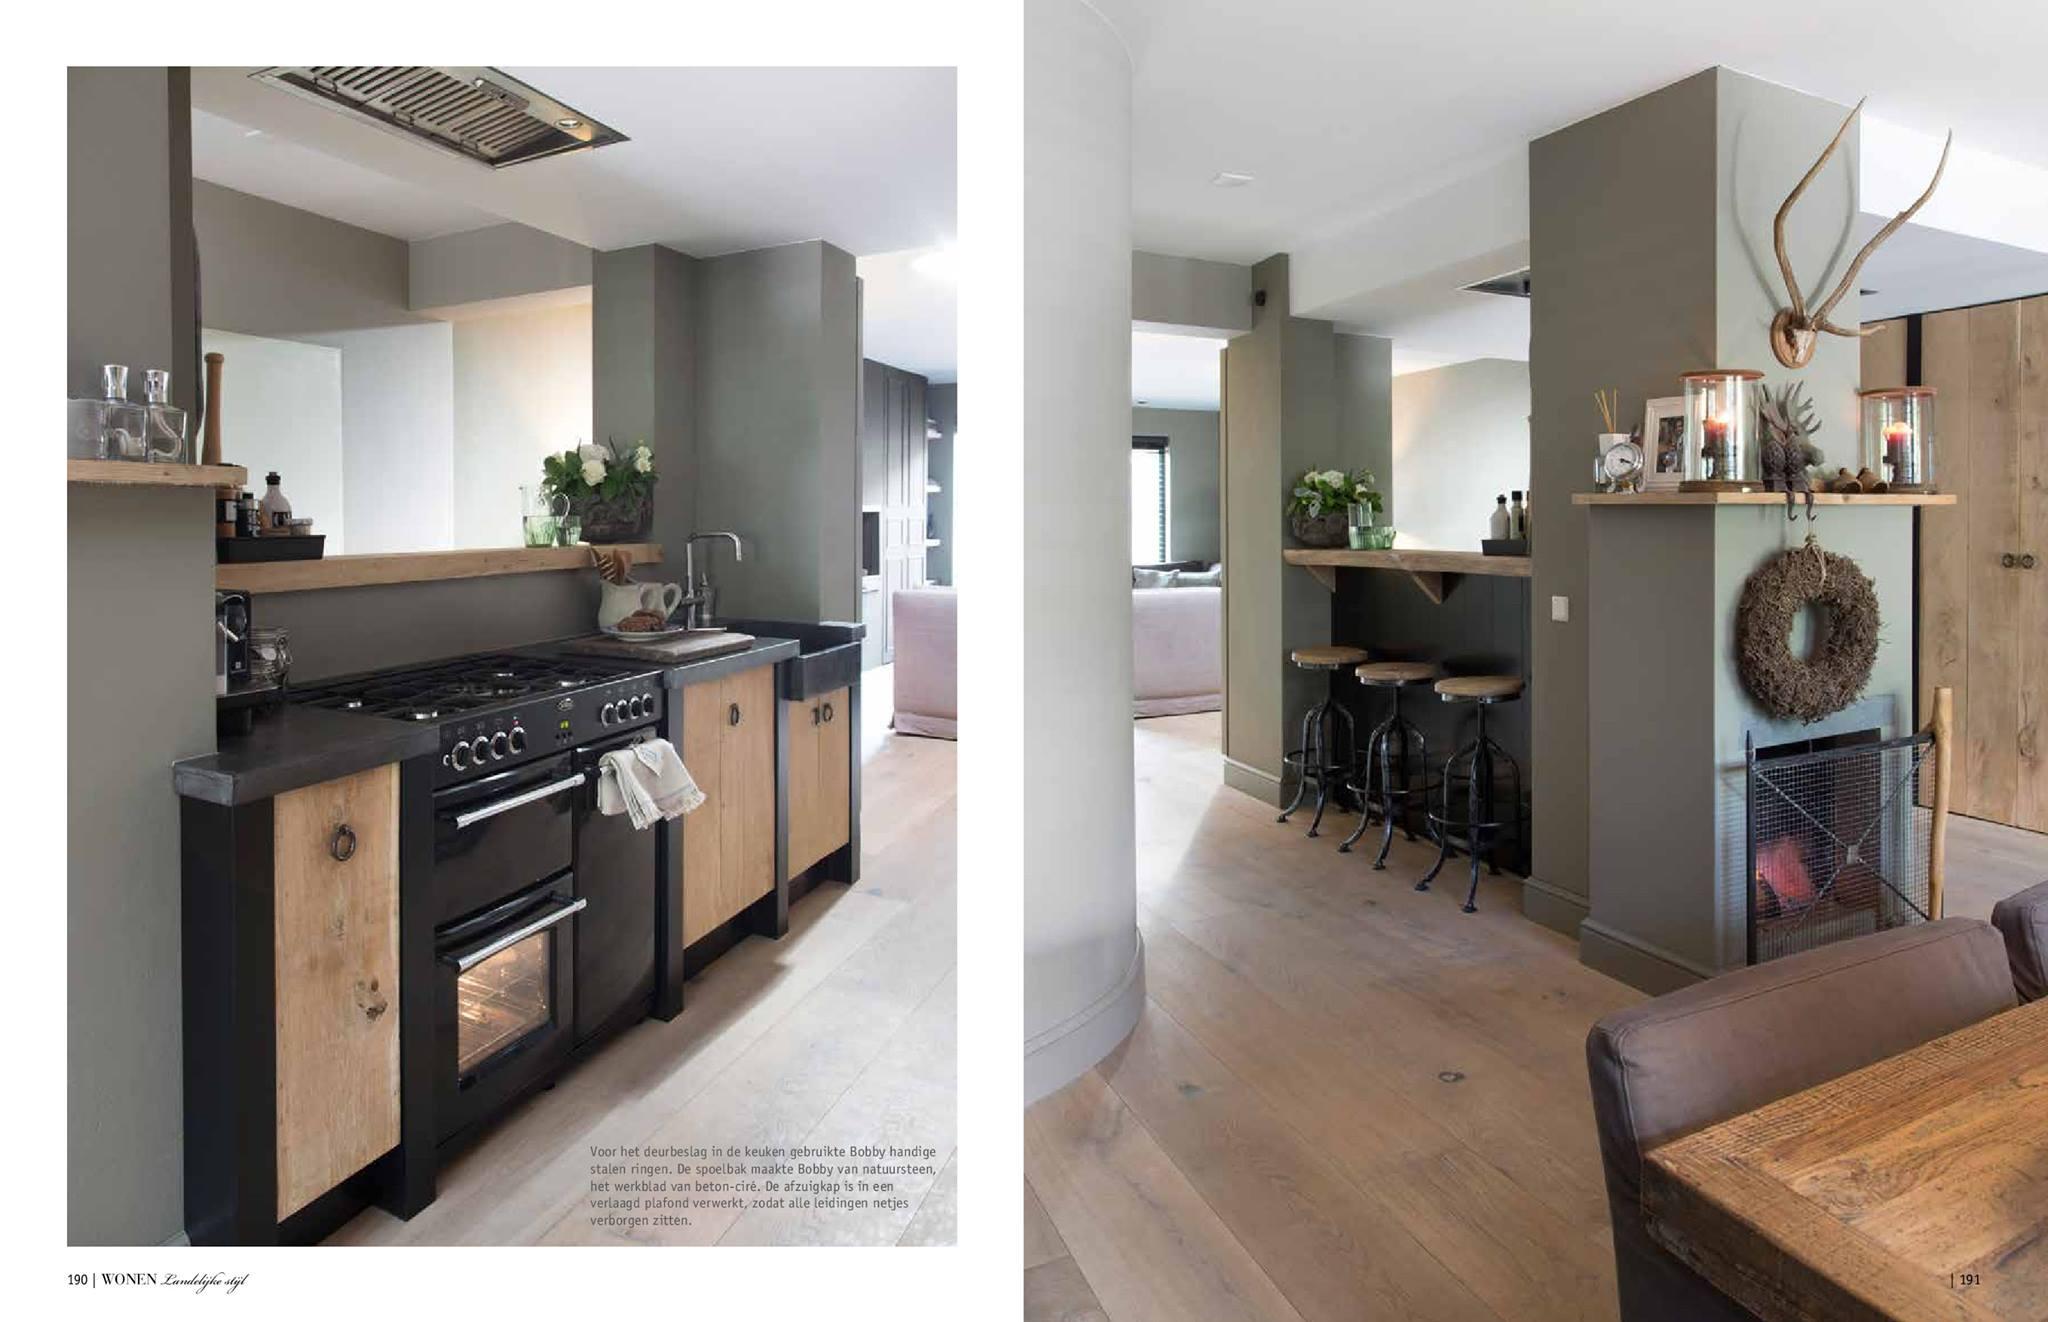 Landelijke meubels fauteuils 20 images vik s eetkamerstoel zwart stof met eiken onderstel - Landelijke badkamer meubels ...